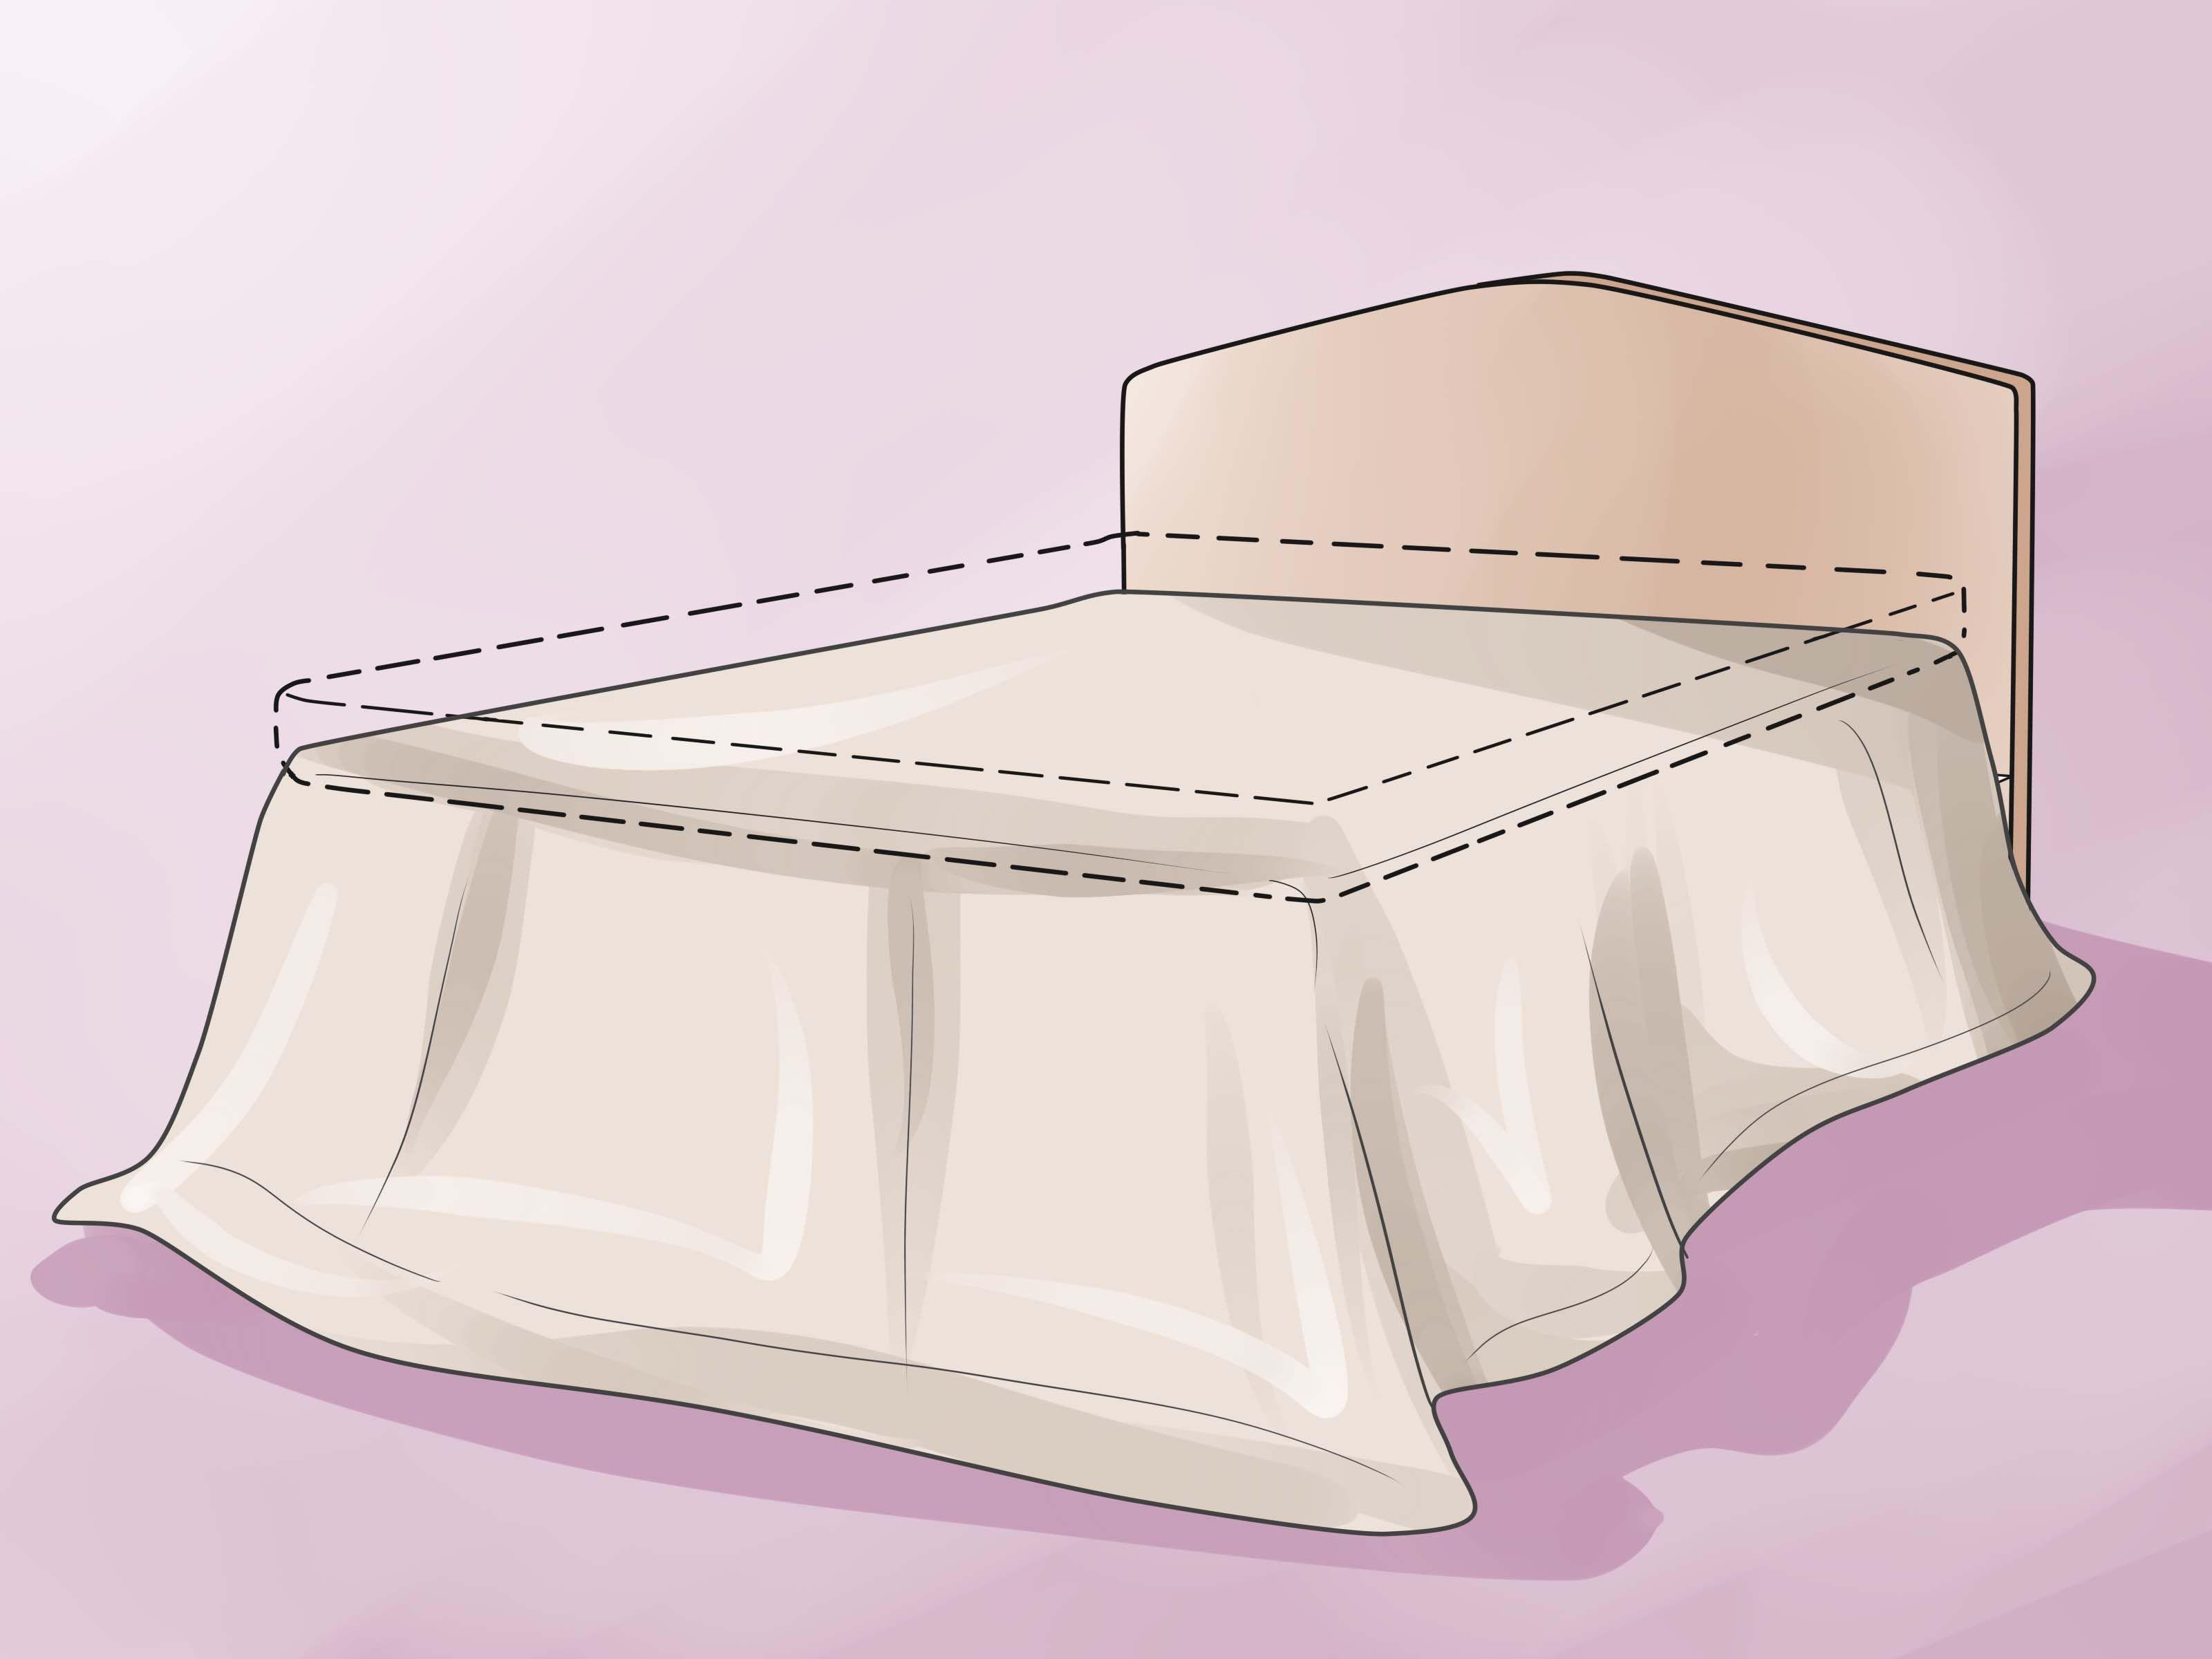 hacer un faldón para cama | Somier, Camas y Suelos